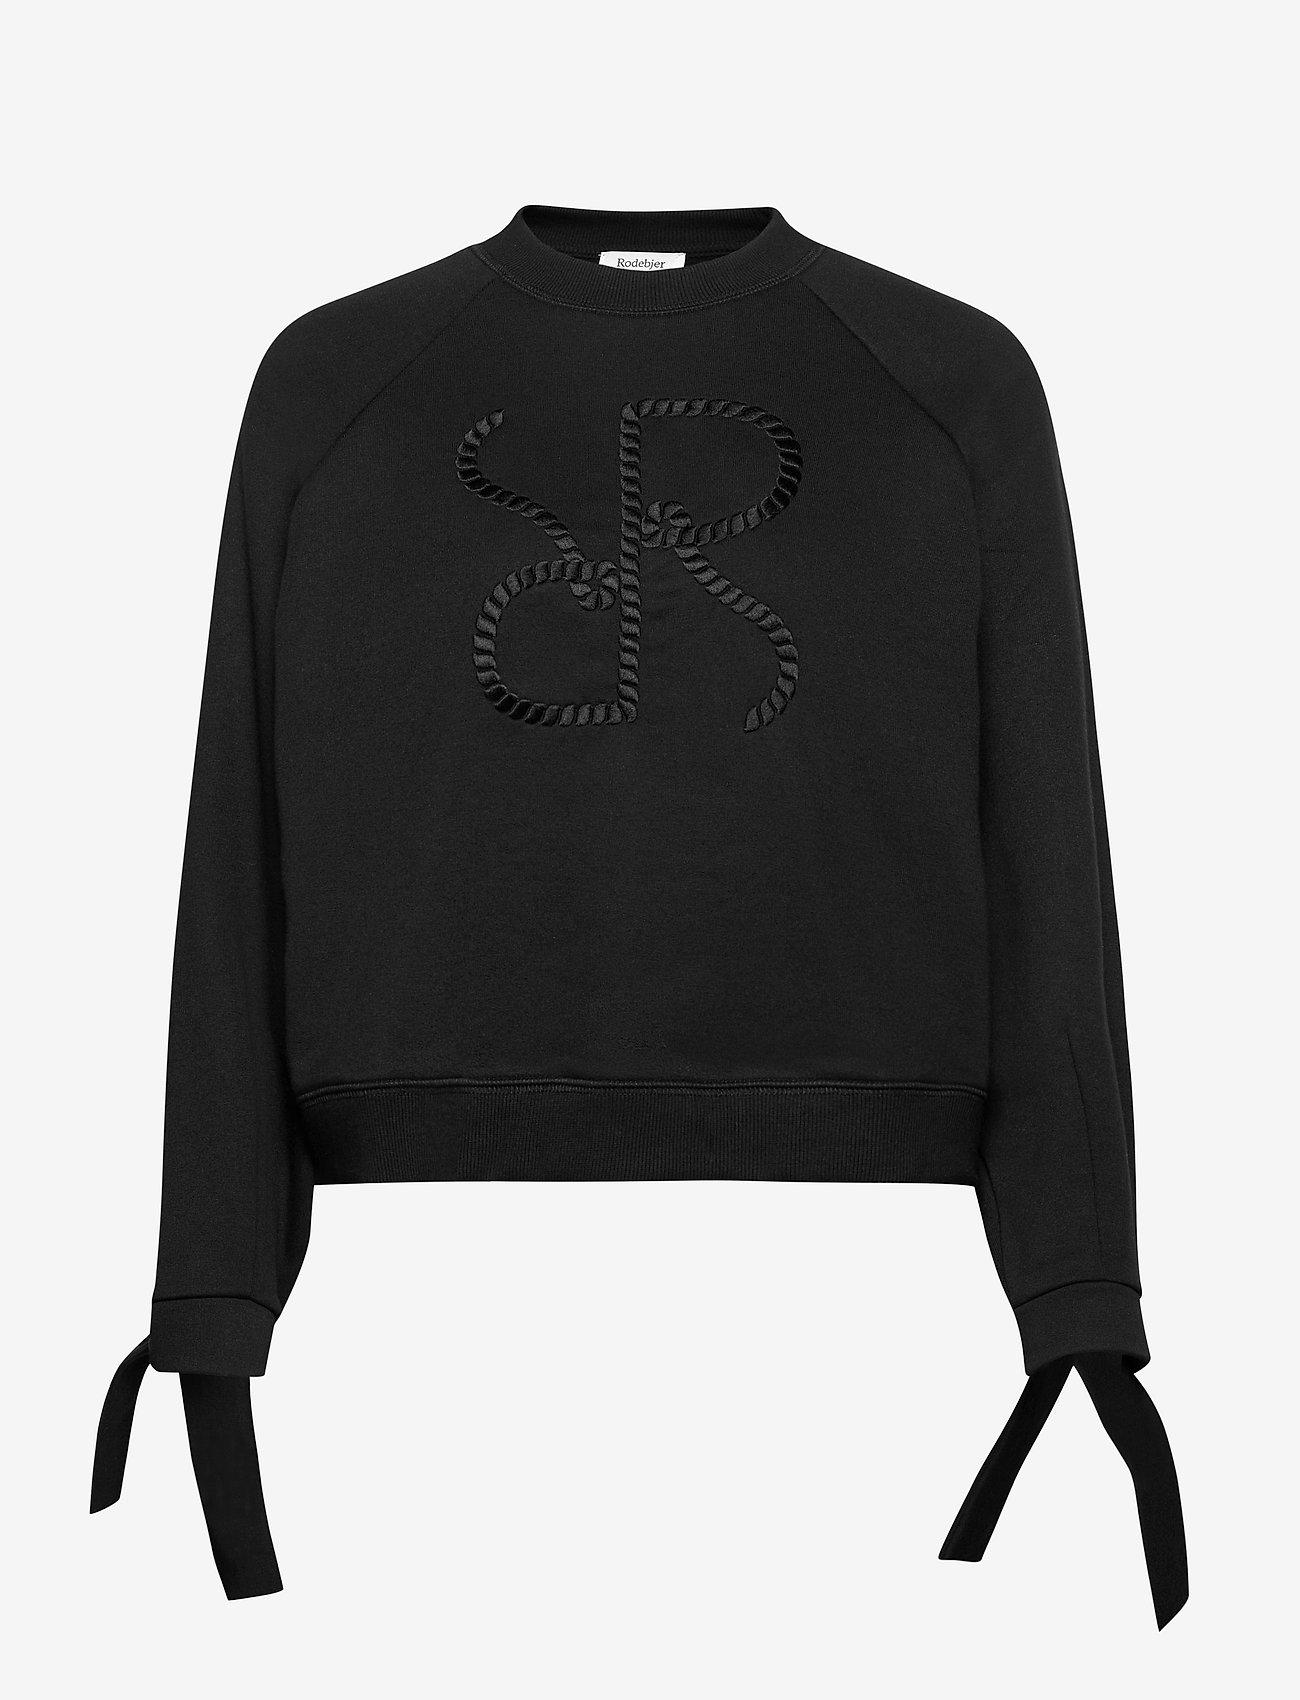 RODEBJER - RODEBJER ZORINA - sweatshirts & hættetrøjer - black - 0